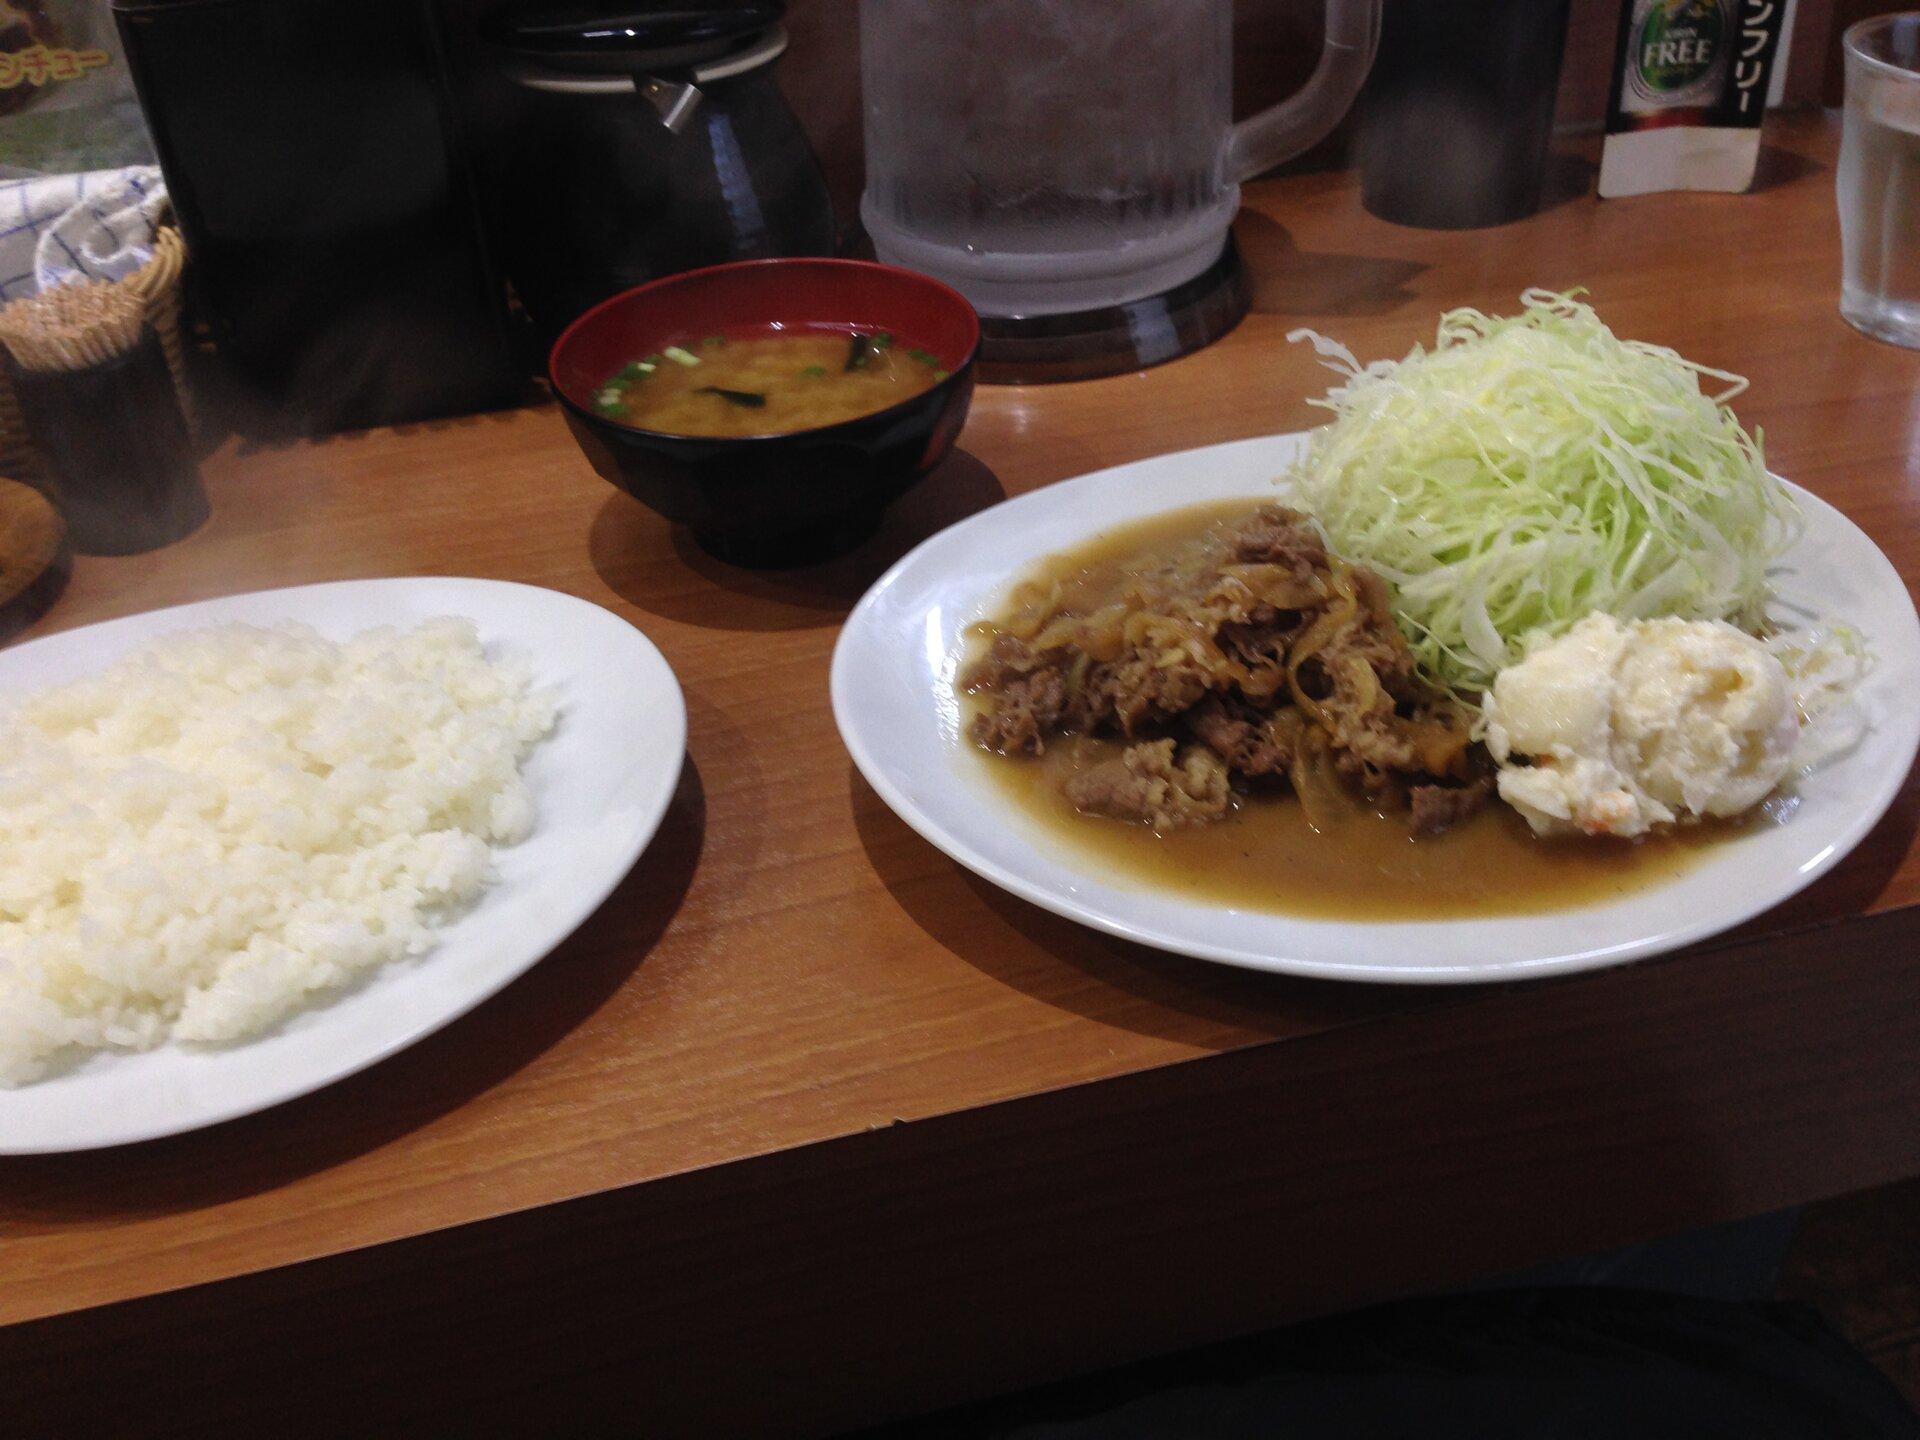 【あの小泉進次郎も通う!東京の洋食最高峰】キッチンたかで食べるバタービーフと絶品のオムライス!